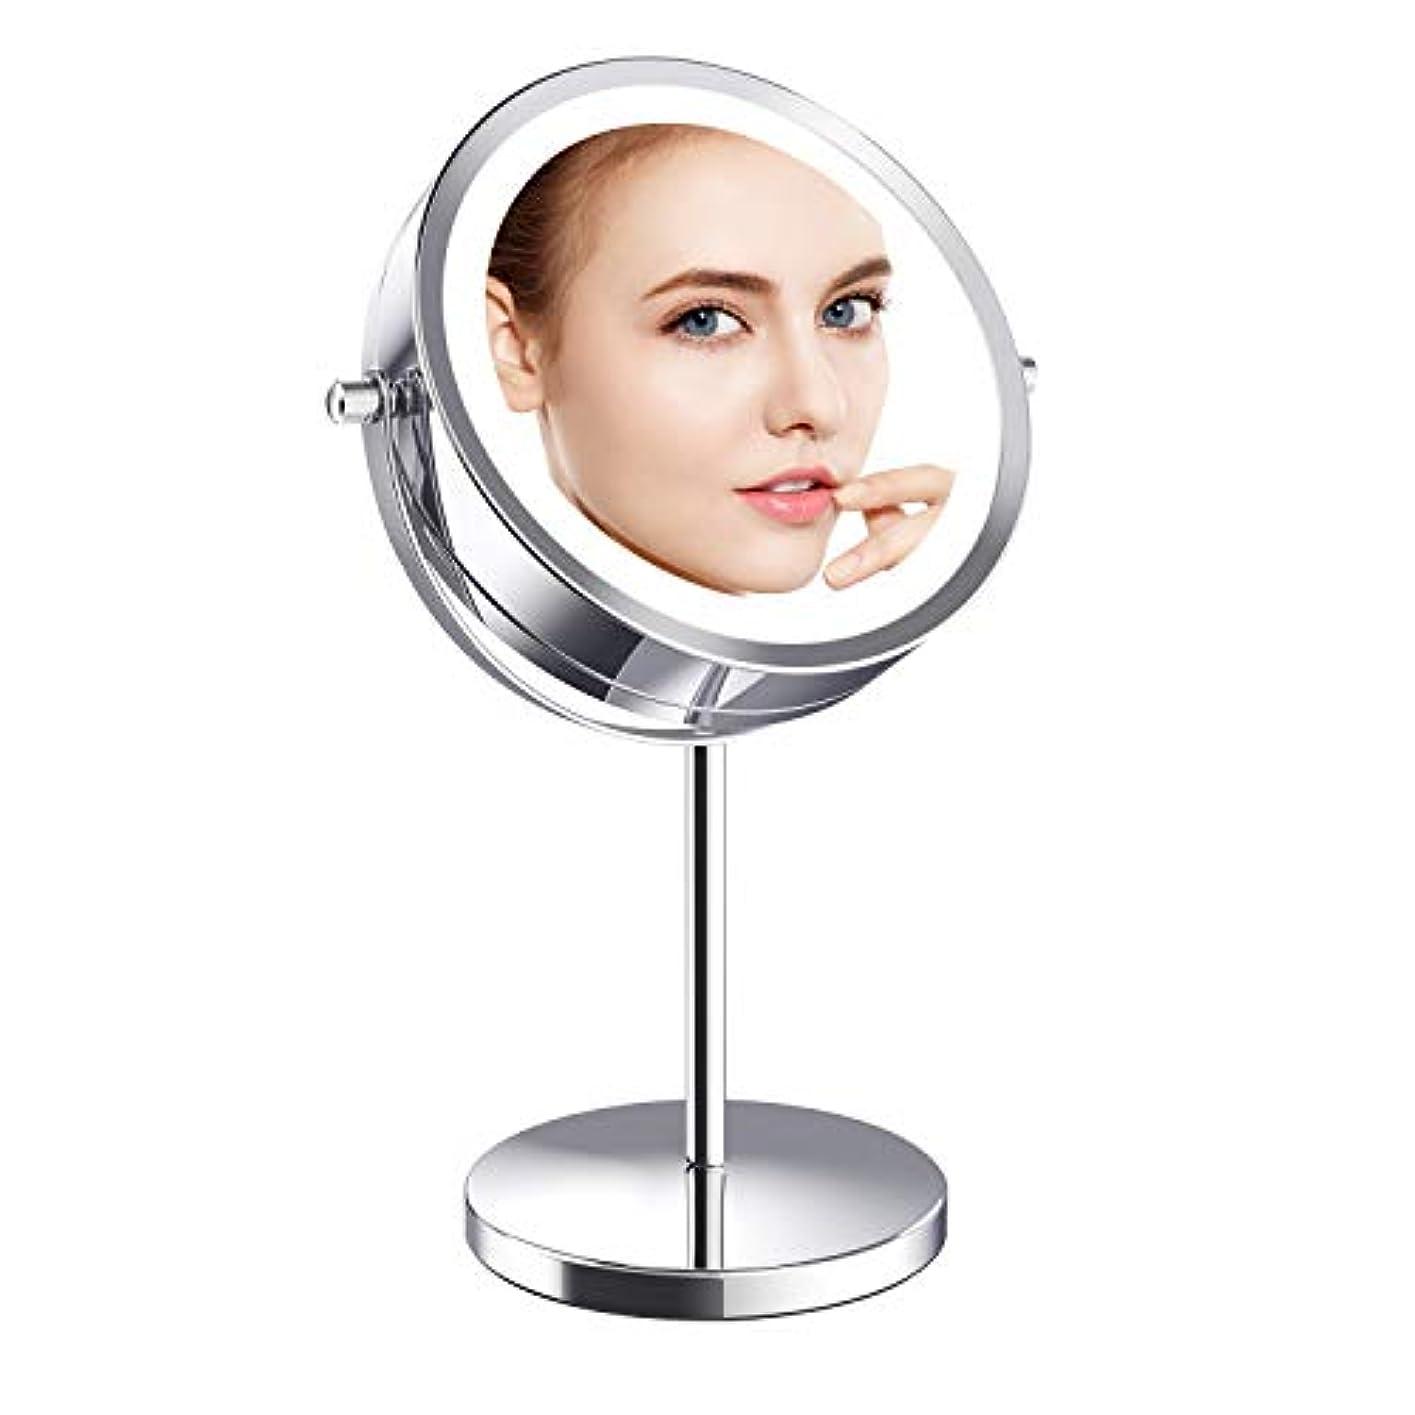 ペックアジャ電子レンジGospire 化粧鏡 10倍拡大鏡+等倍鏡 LED卓上化粧鏡 メイクミラー 両面型 360度回転式 日本語説明書付き ライティングミラー プレゼント